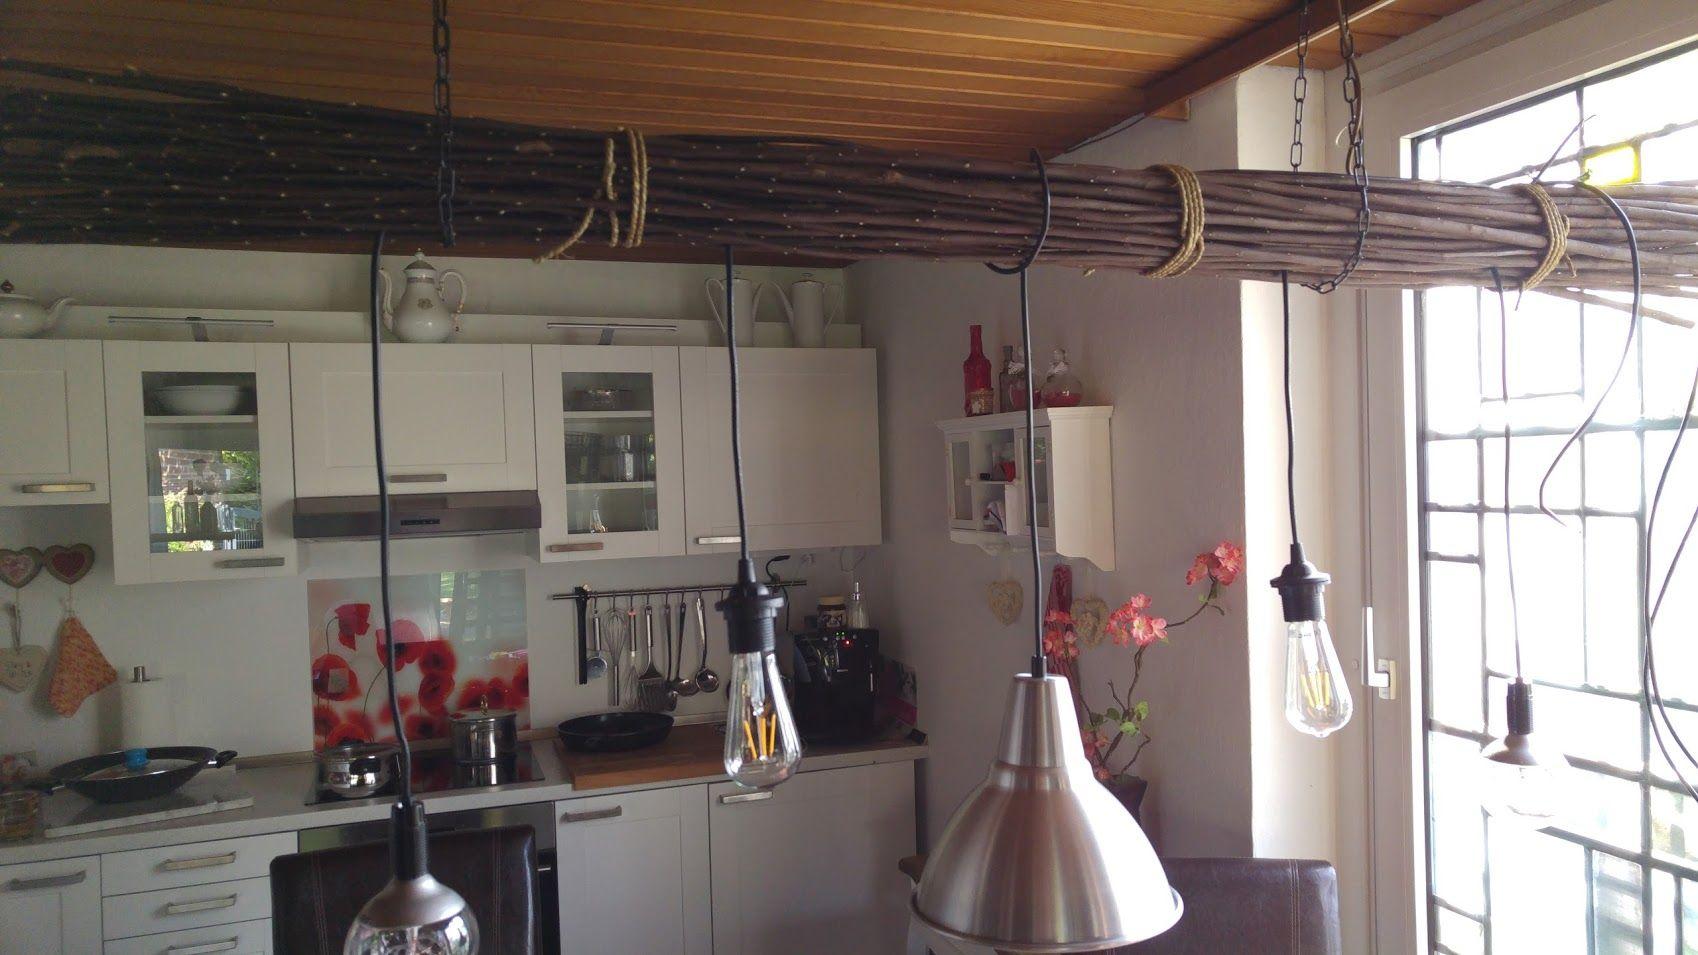 foto in projekt kchenbeleuchtung - Kchenbeleuchtung Layout